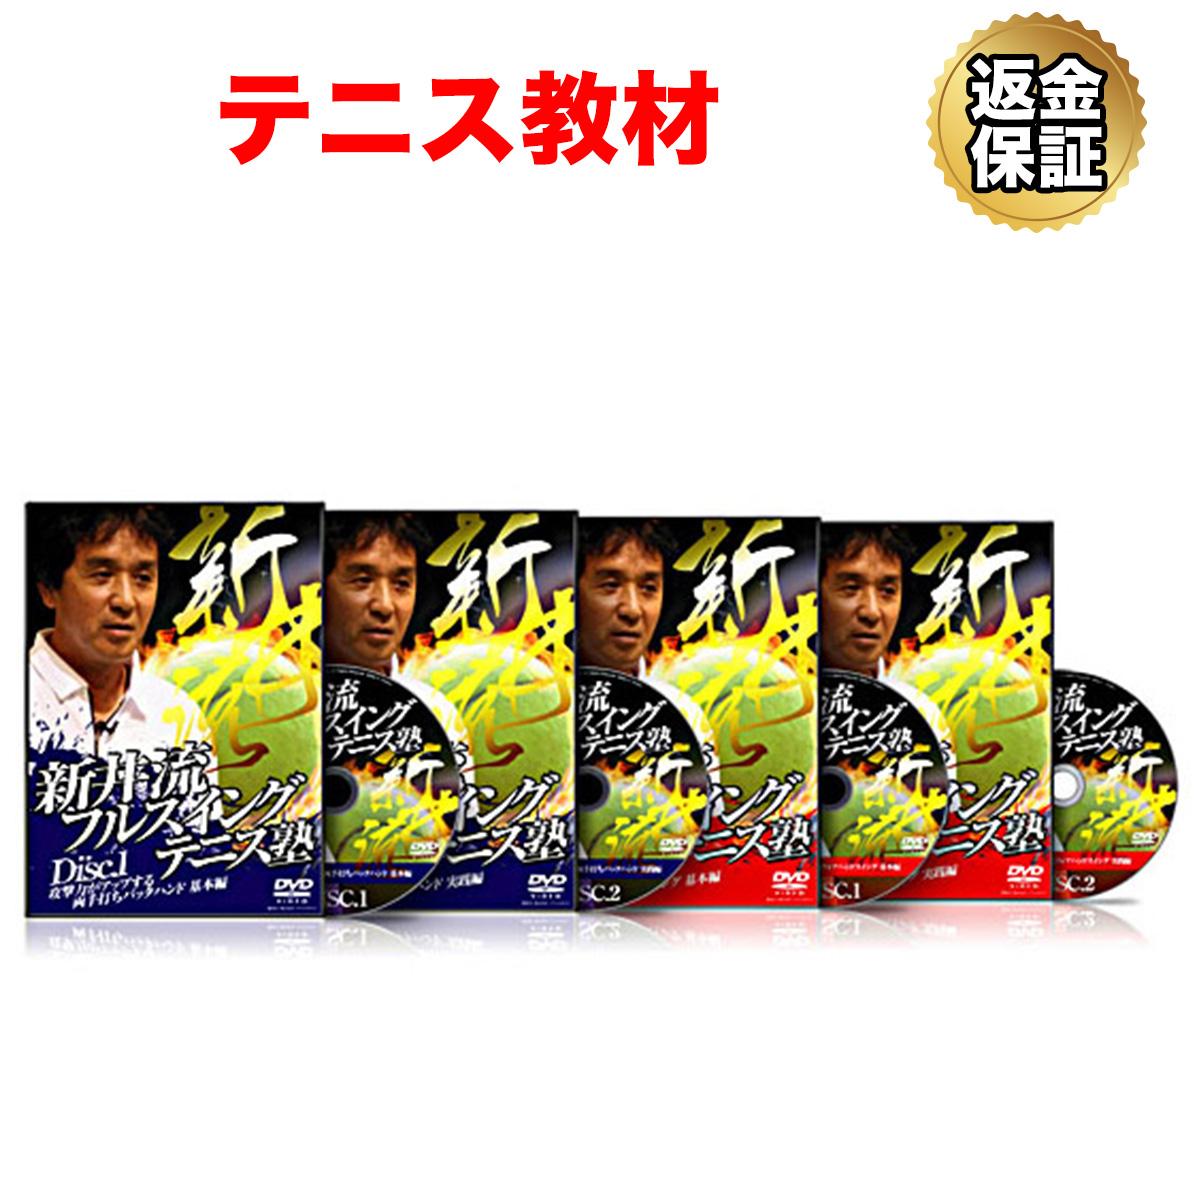 【テニス】新井流フルスイングテニス塾 攻撃力がアップする フォアハンド・両手打ちバックハンド